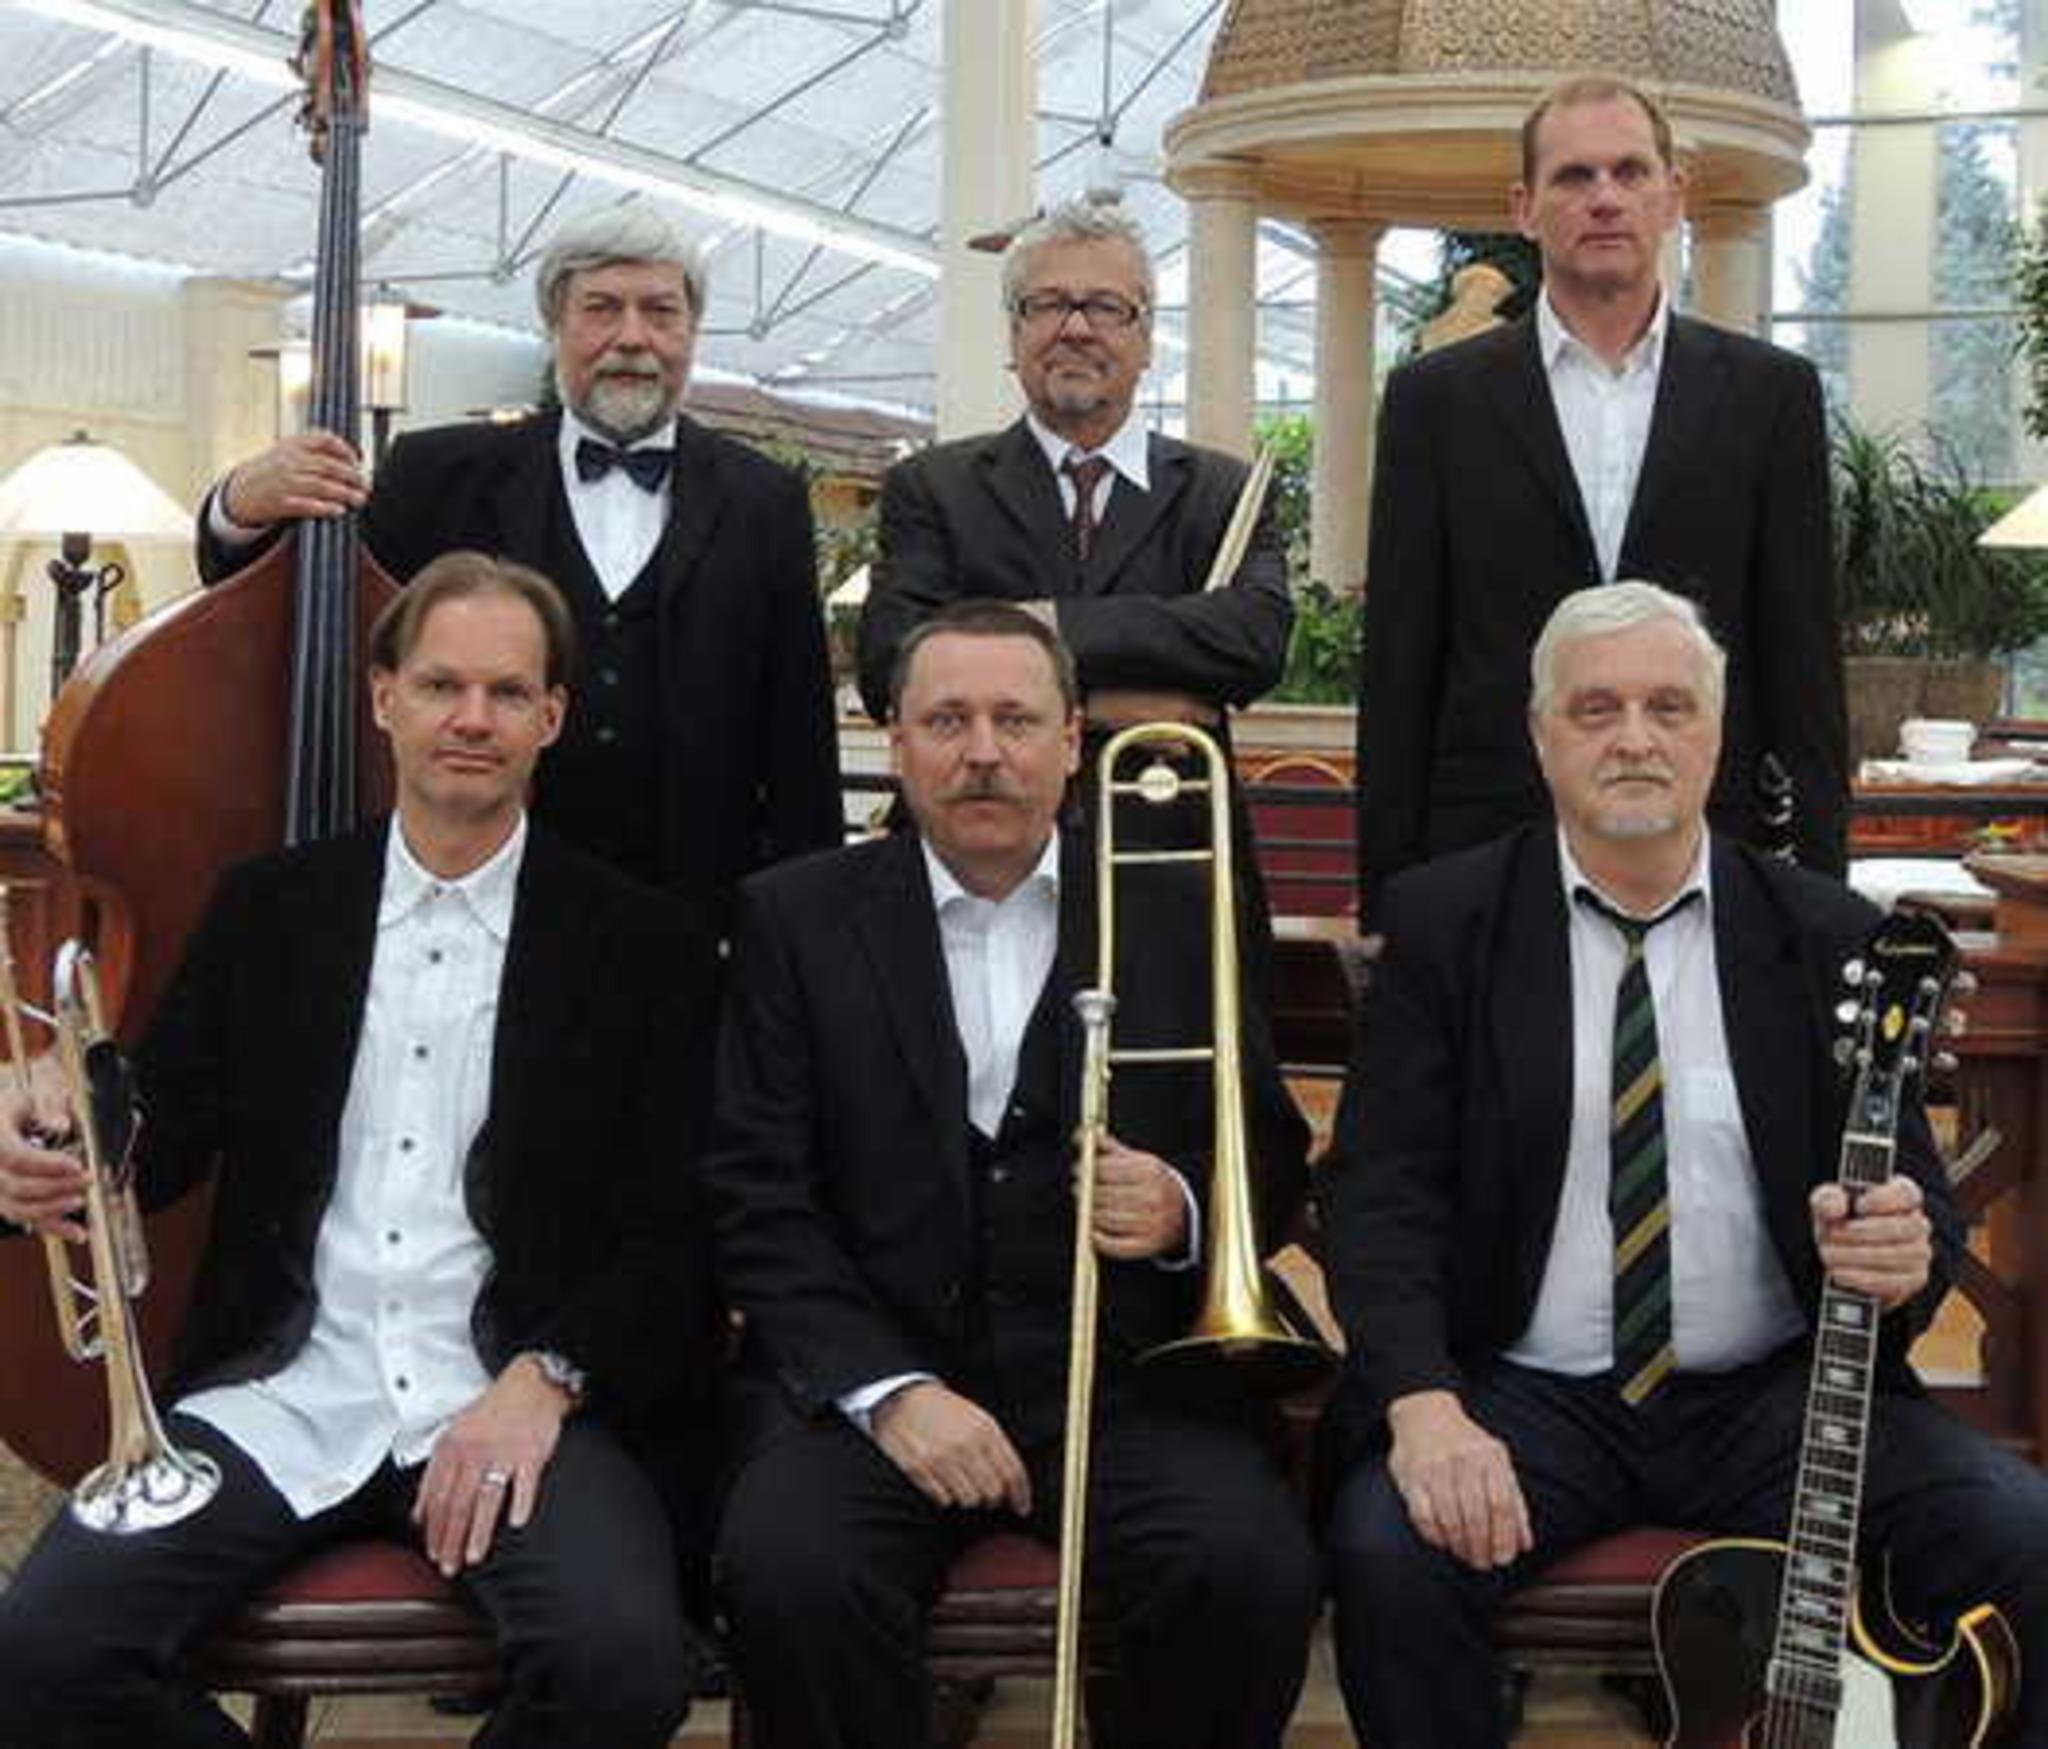 Oiweiumhoibeeife Jazzband - Salzburg-Stadt